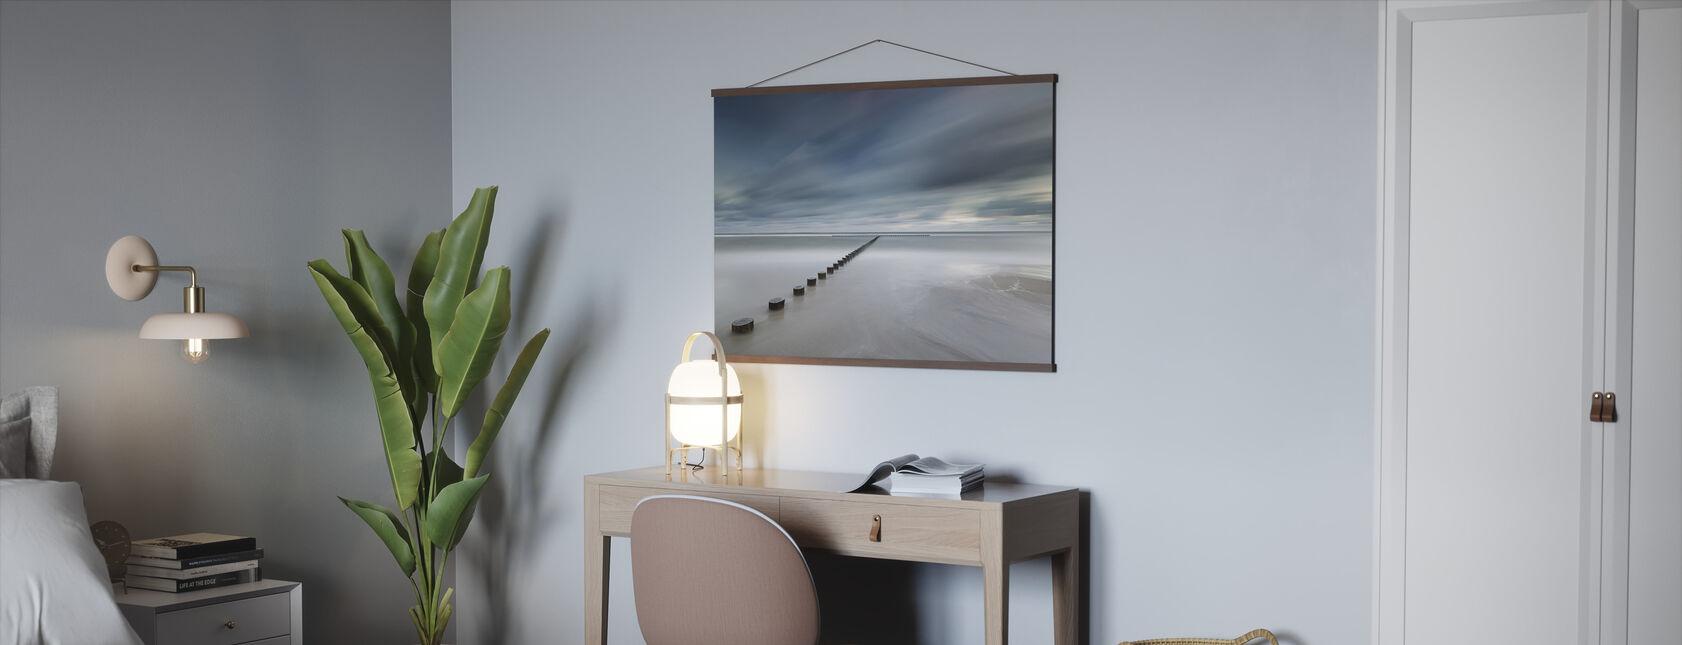 Poolse kustlijn - Poster - Kantoor